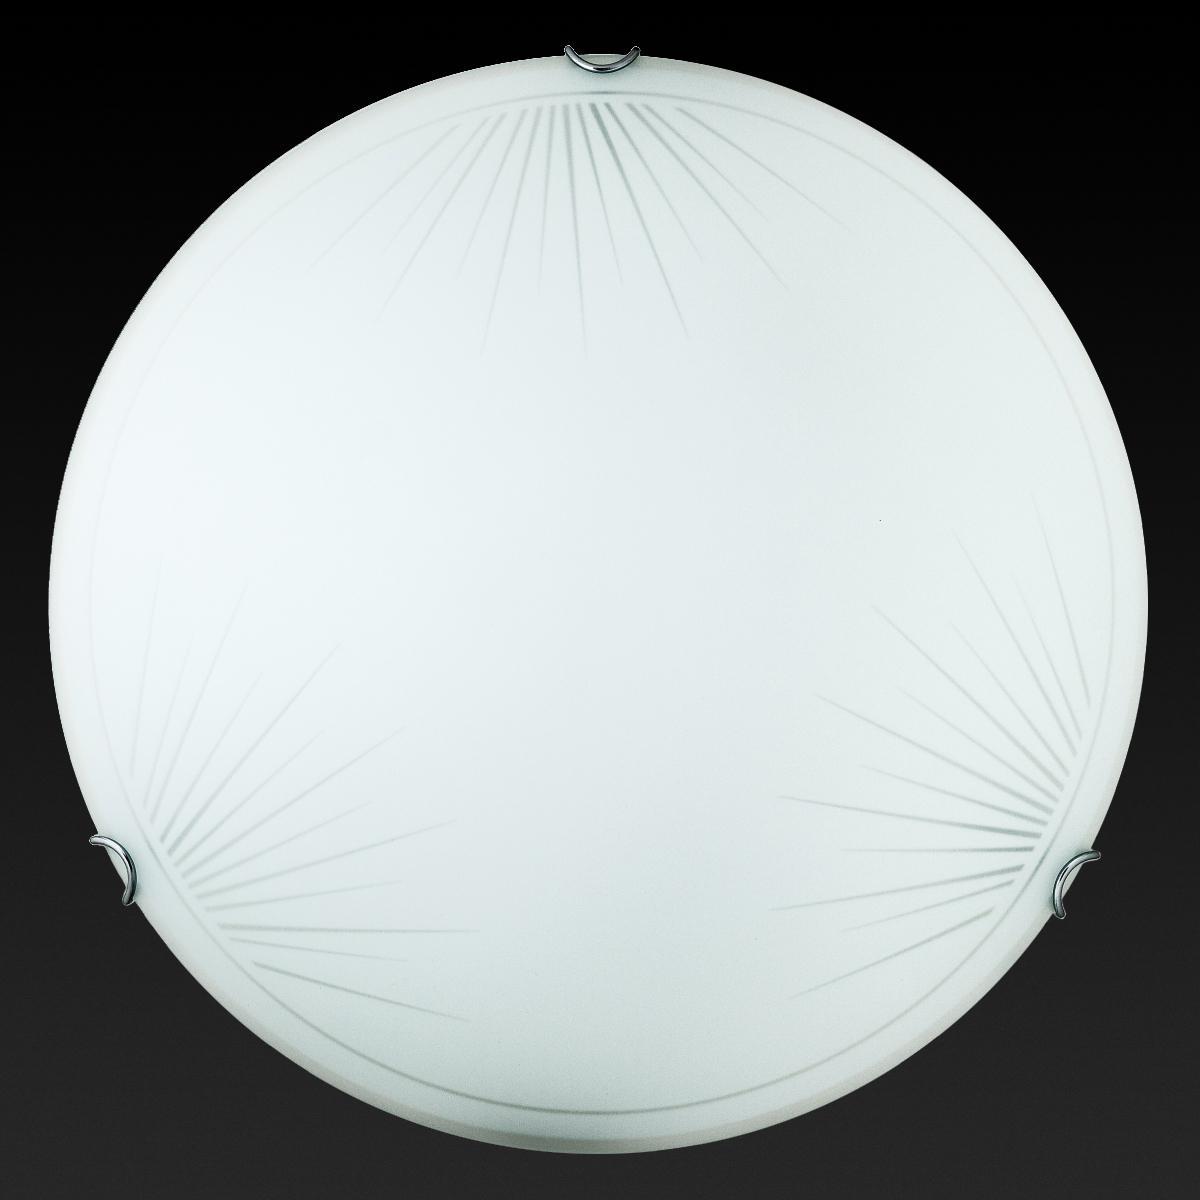 Настенный светильник Toplight Wifa TL9143Y-03WH накладной светильник toplight wifa tl9143y 03wh